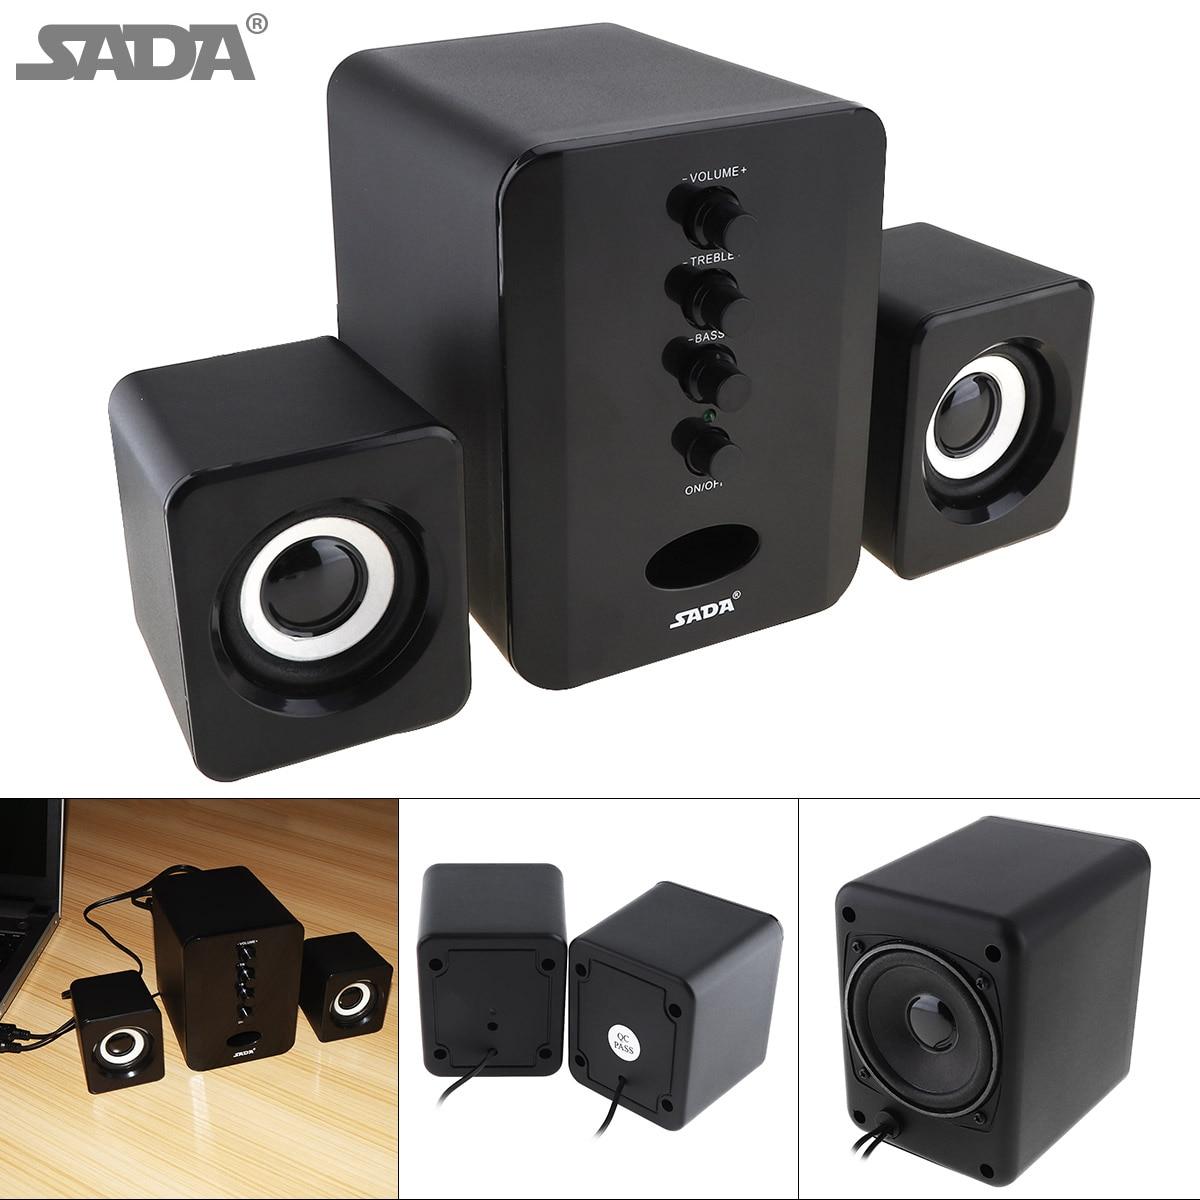 SADA Gama Completa 3D Alto-falantes Estéreo Subwoofer Alto-falantes Portáteis Pequeno PC Speaker DJ USB Combinação de Som para o Telefone TV